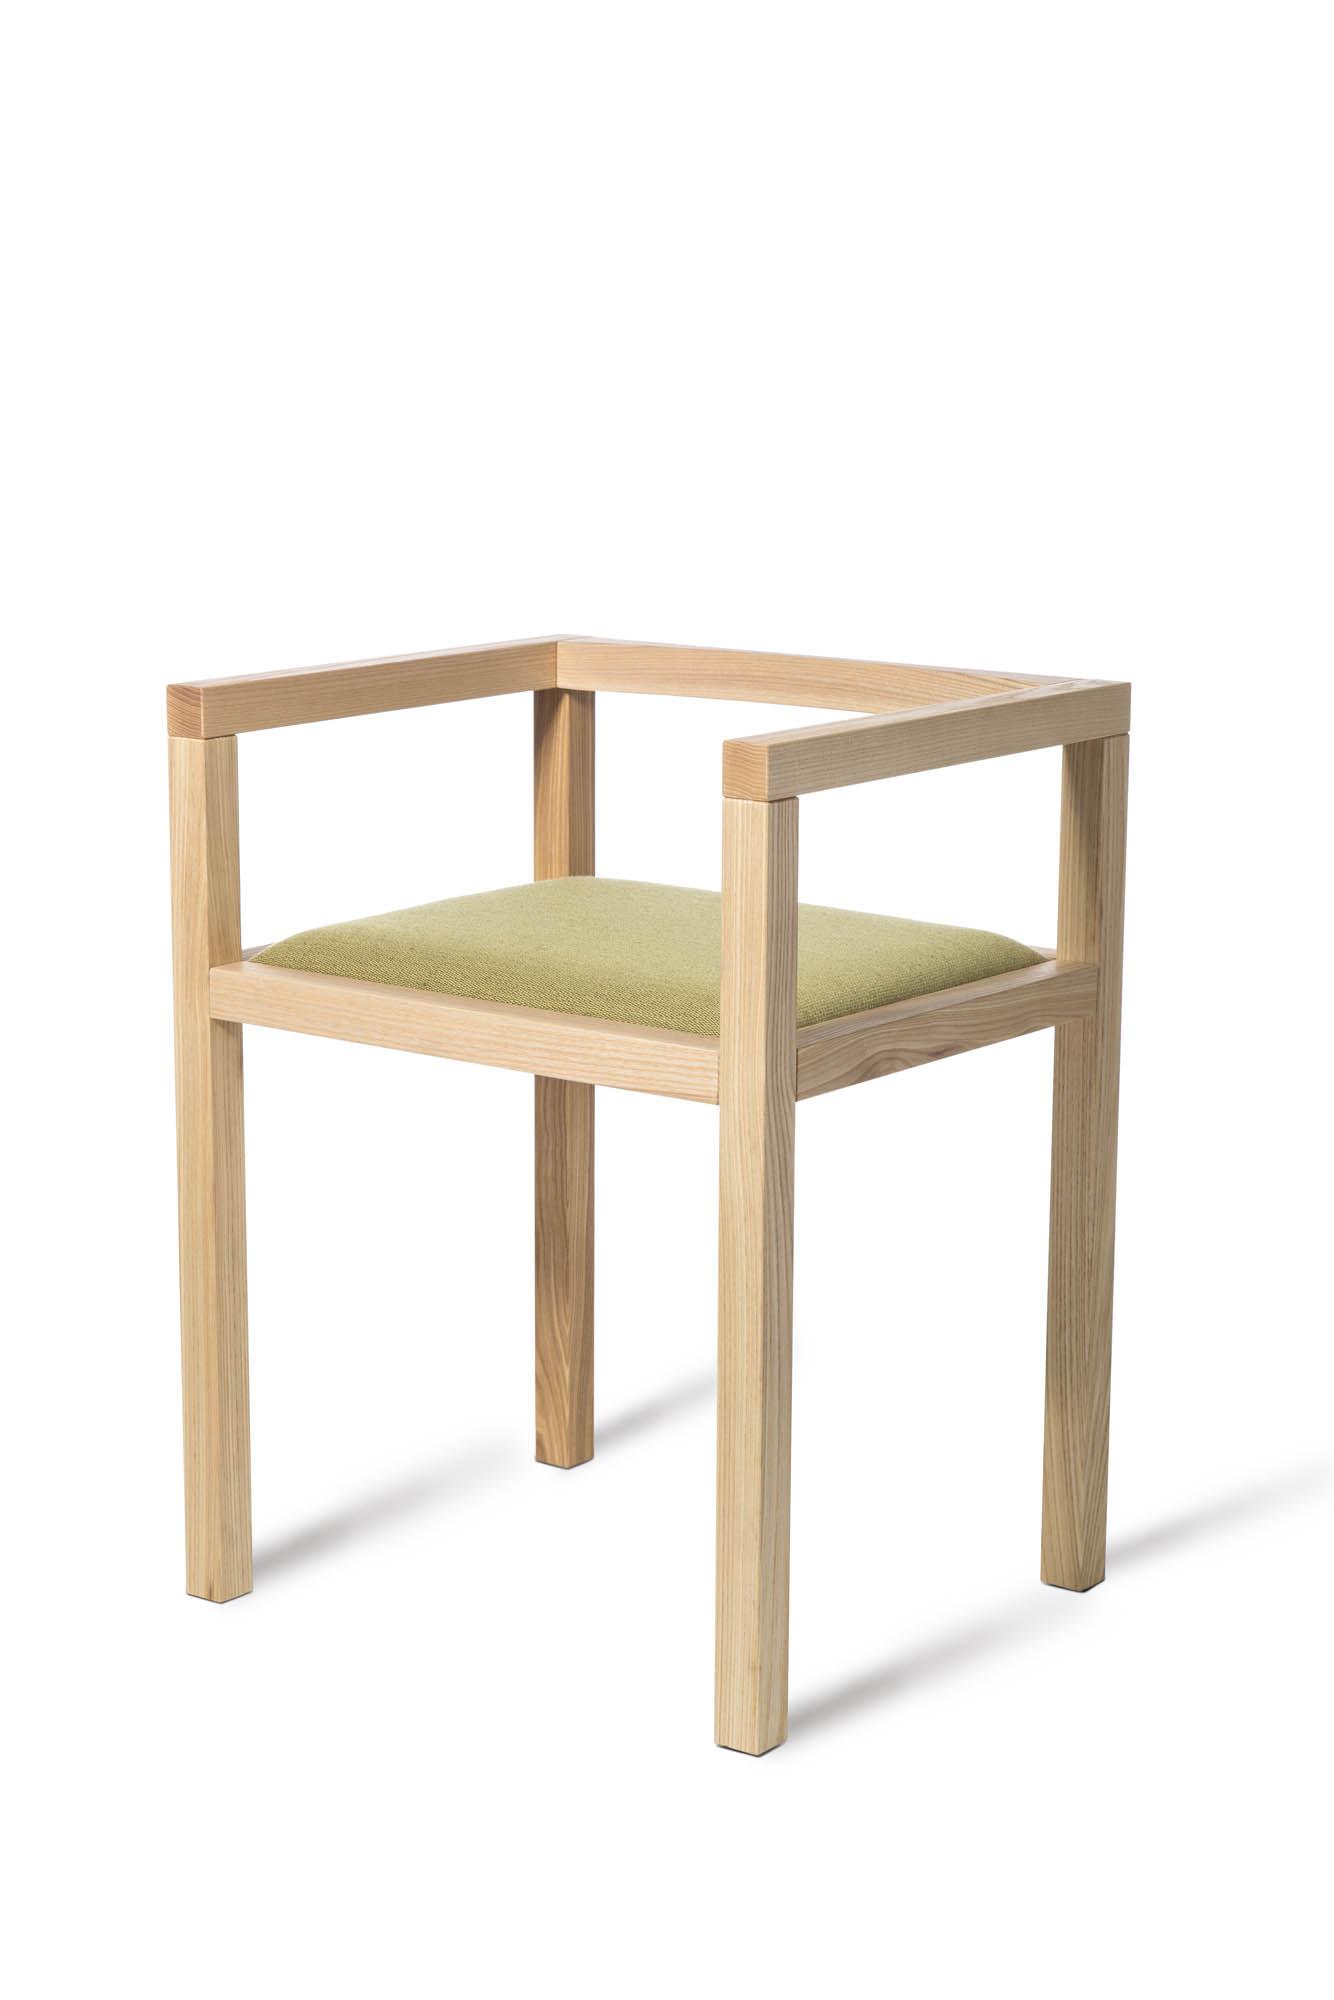 astal furniture, astal, mirko nahmijas, nahmijas, pecatipotpis, pecat i potpis